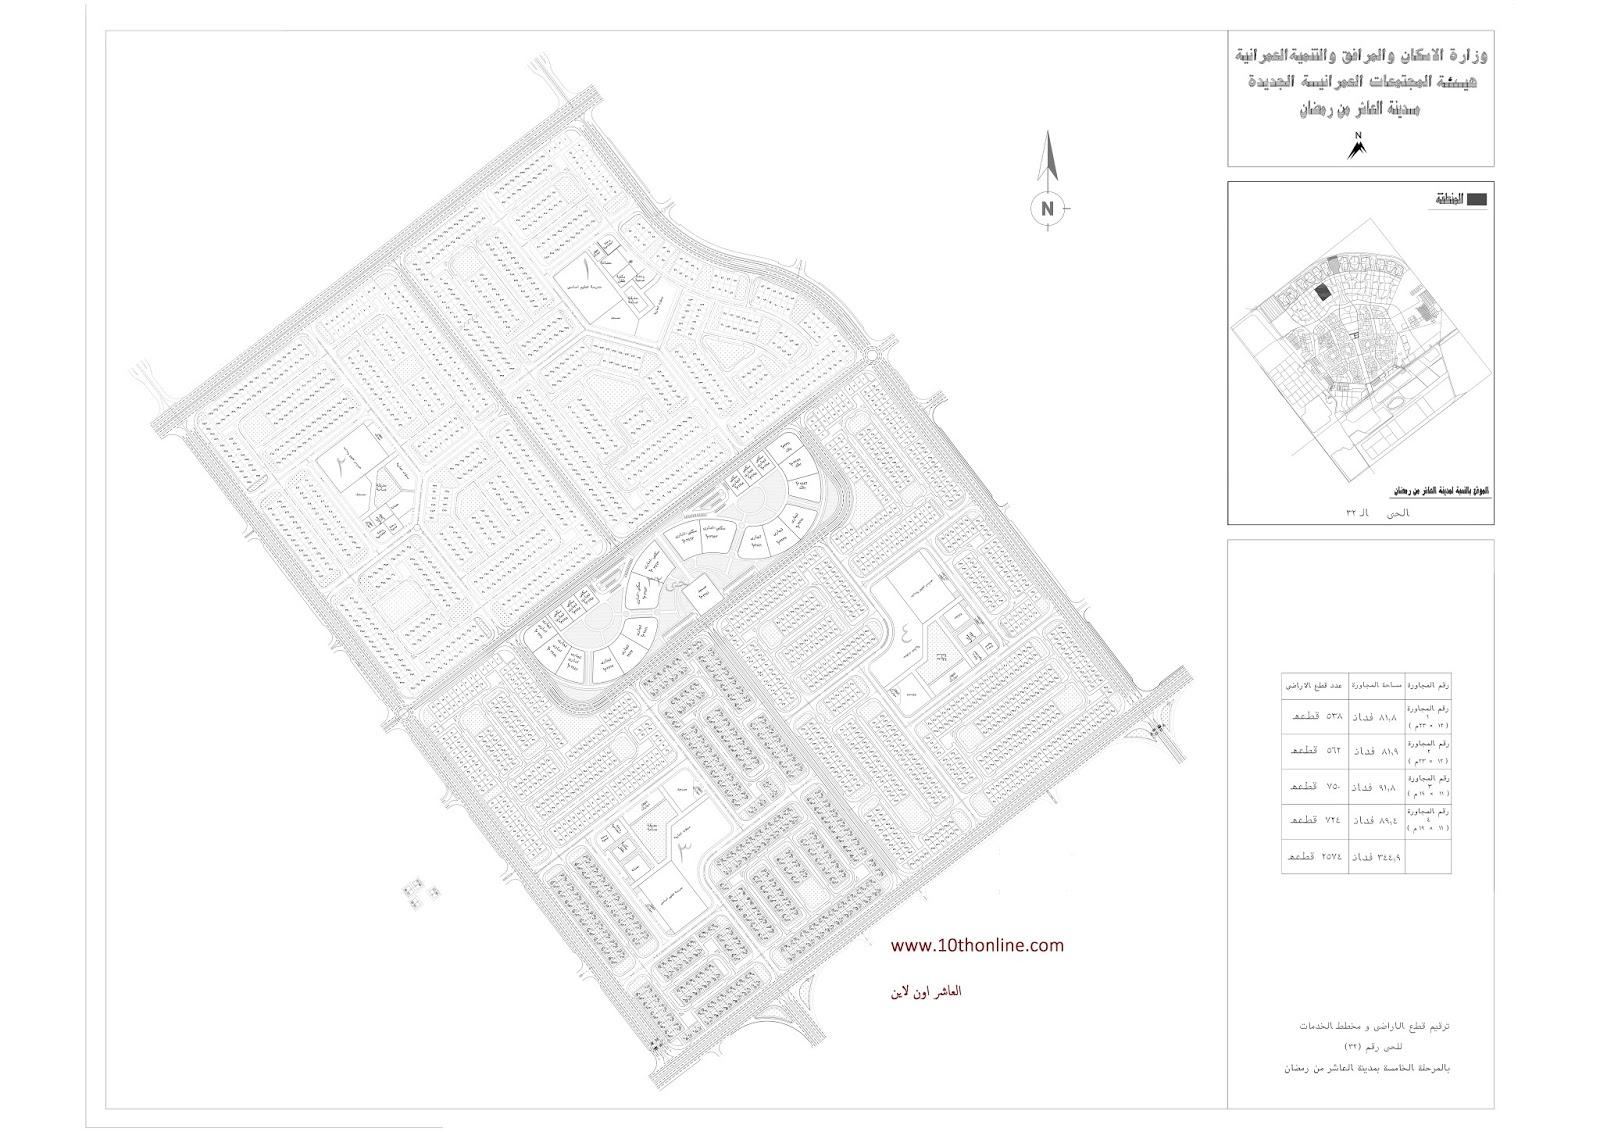 خريطة الحى 32 بالعاشر من رمضان العاشر اون لاين